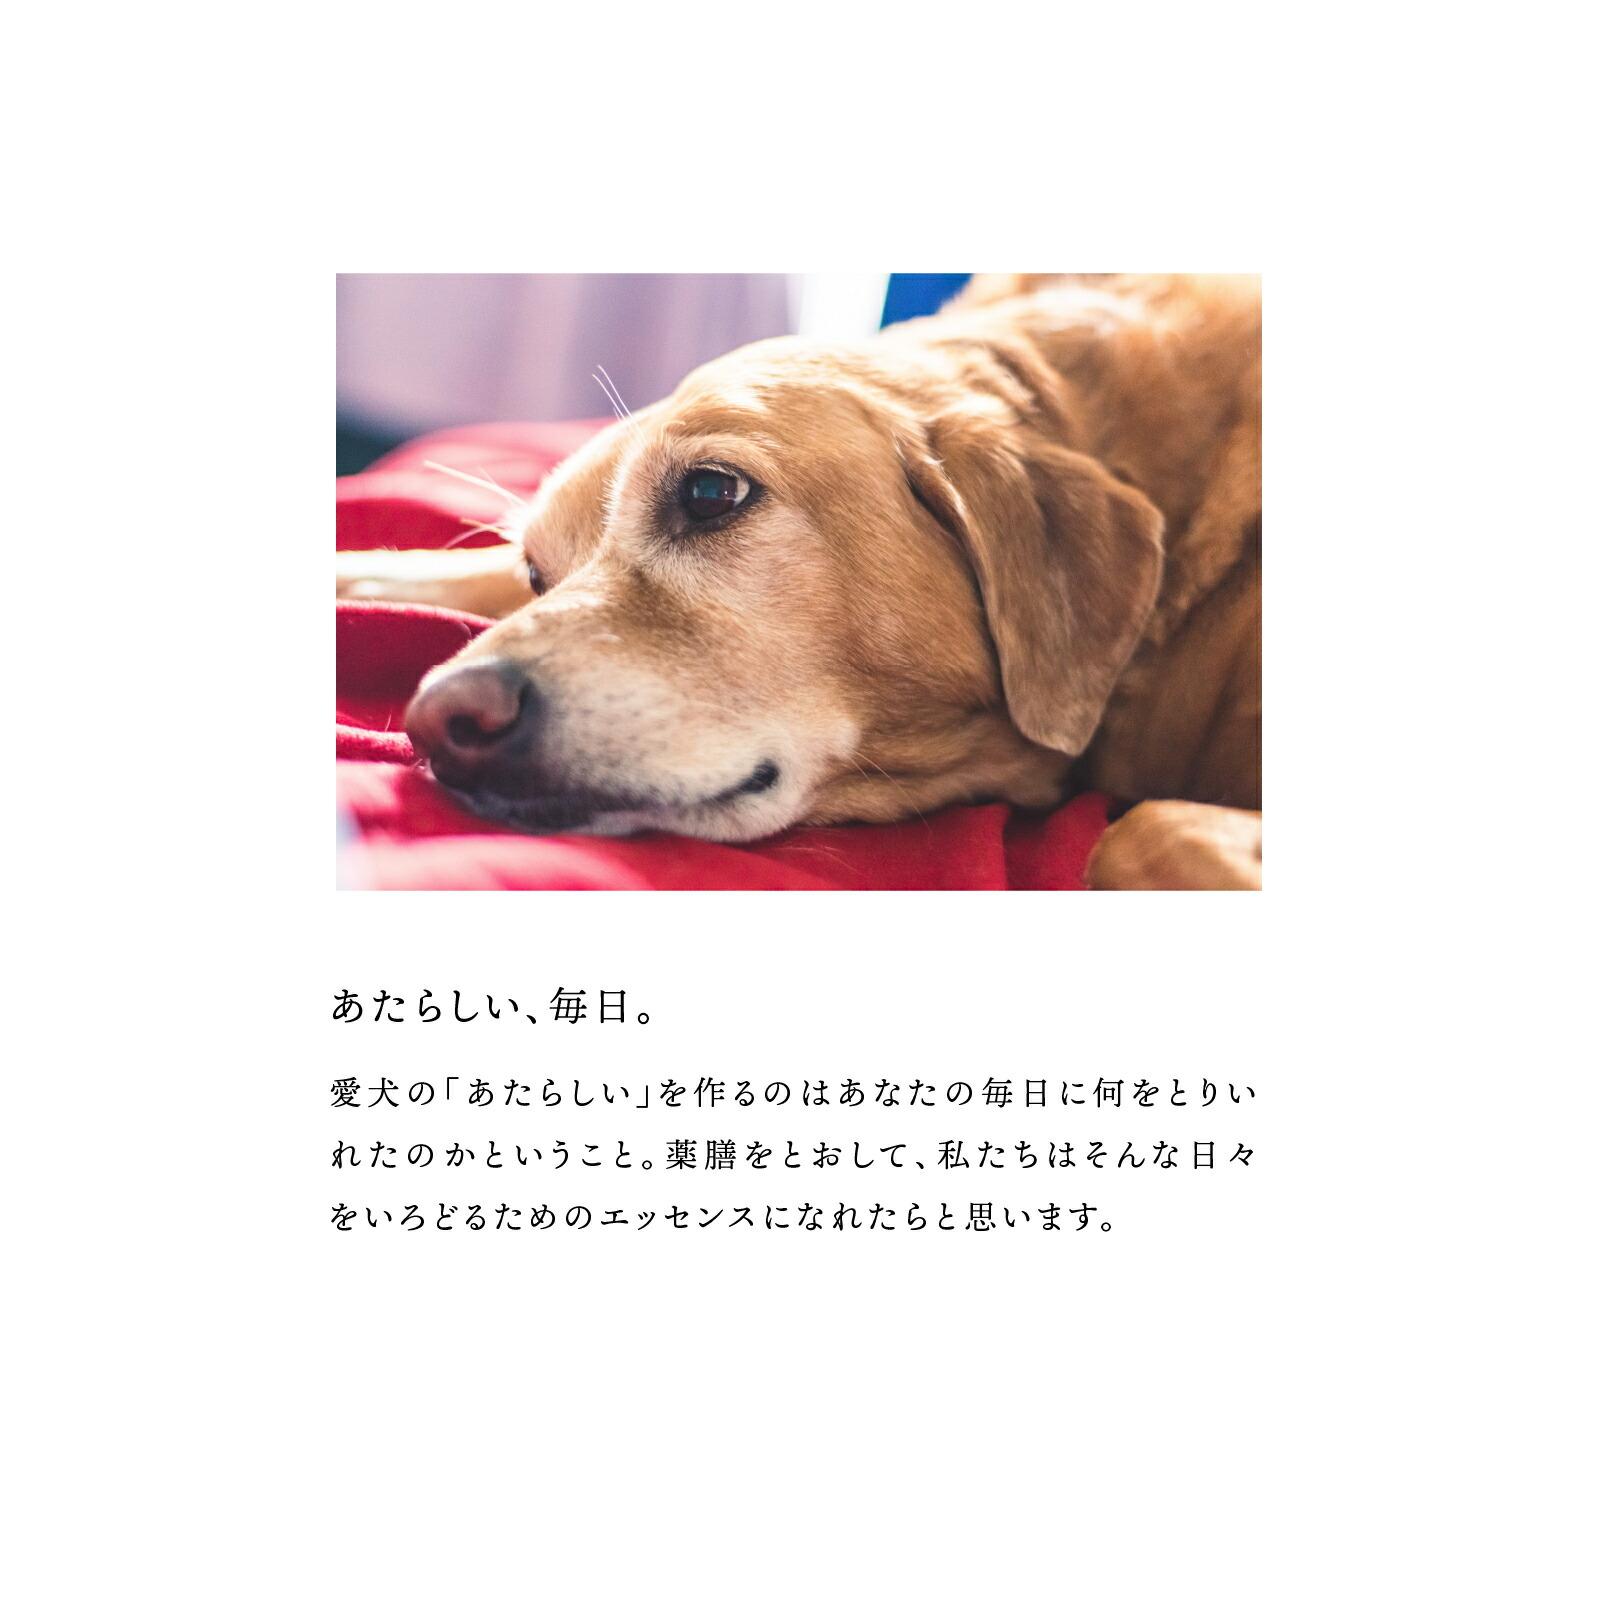 犬ノ薬膳とは04